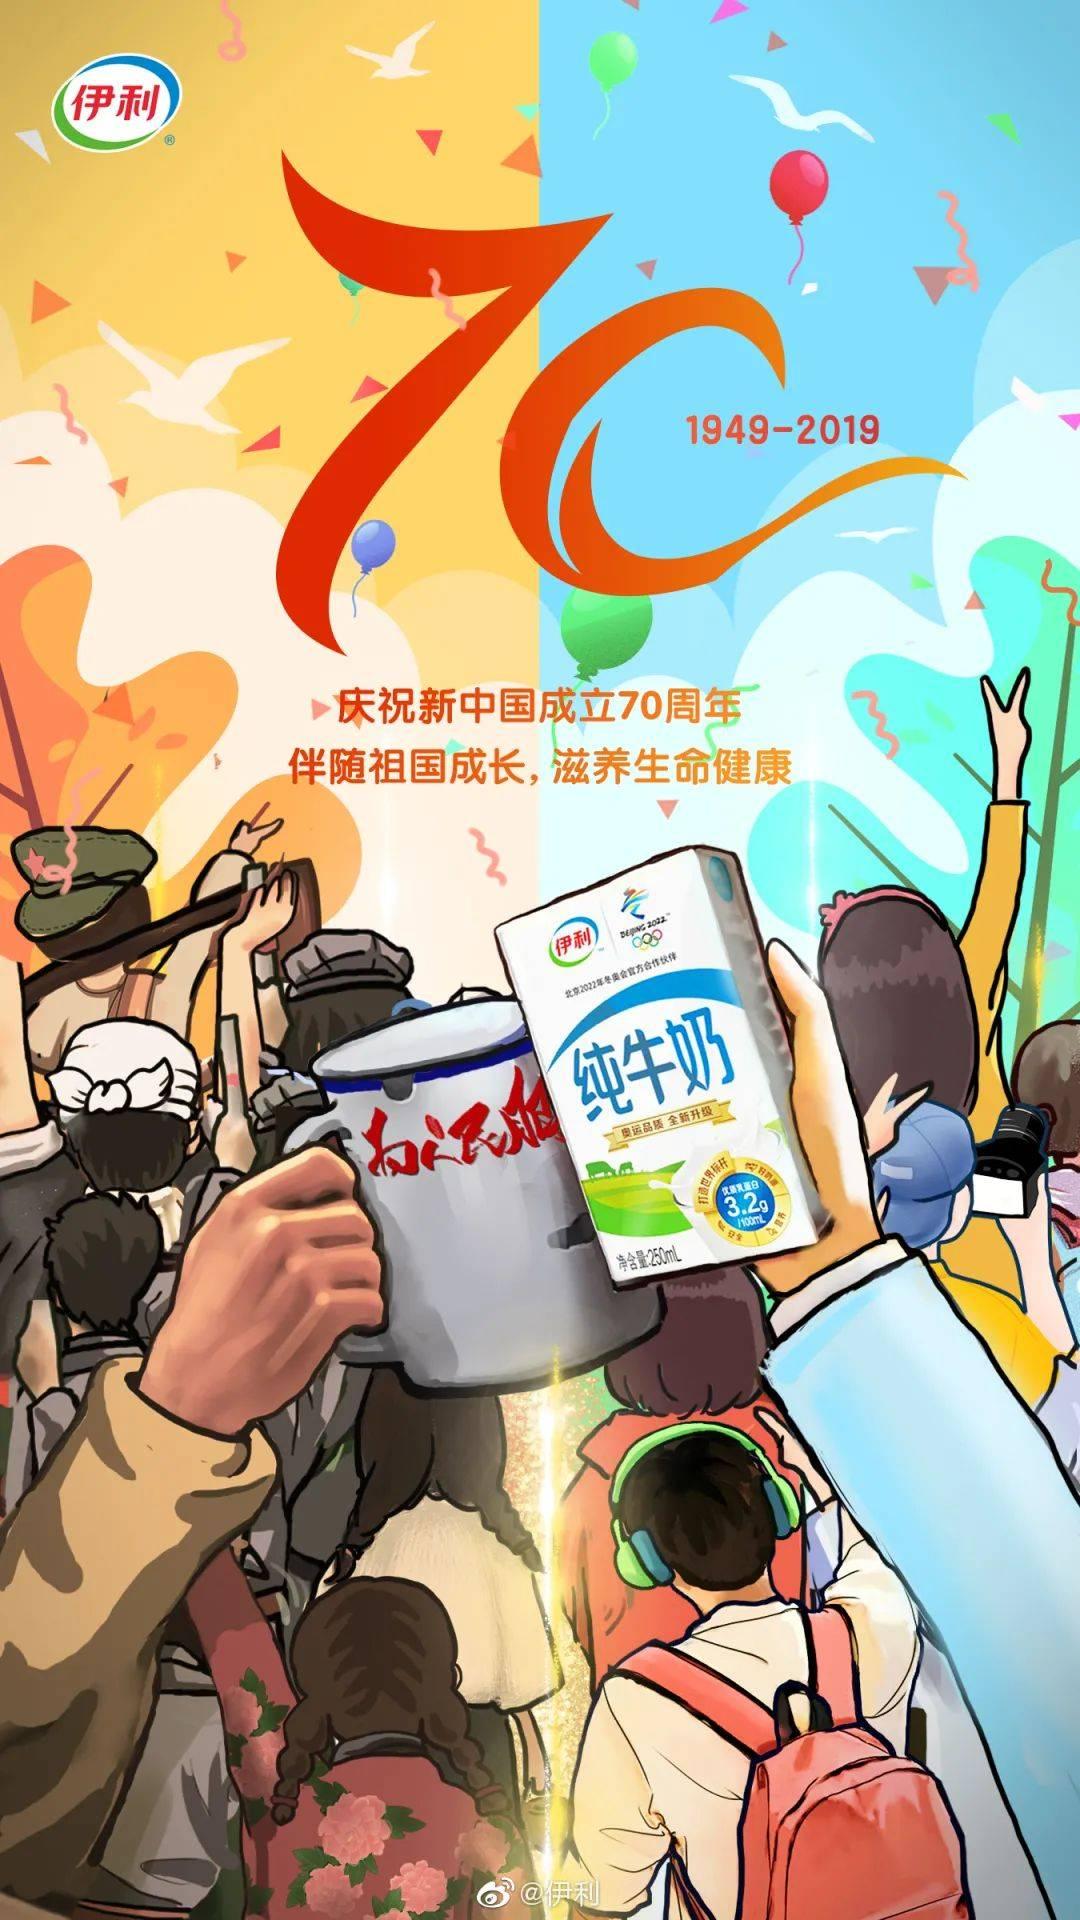 鸟哥笔记,创意广告,创意广告,节日,广告,创意